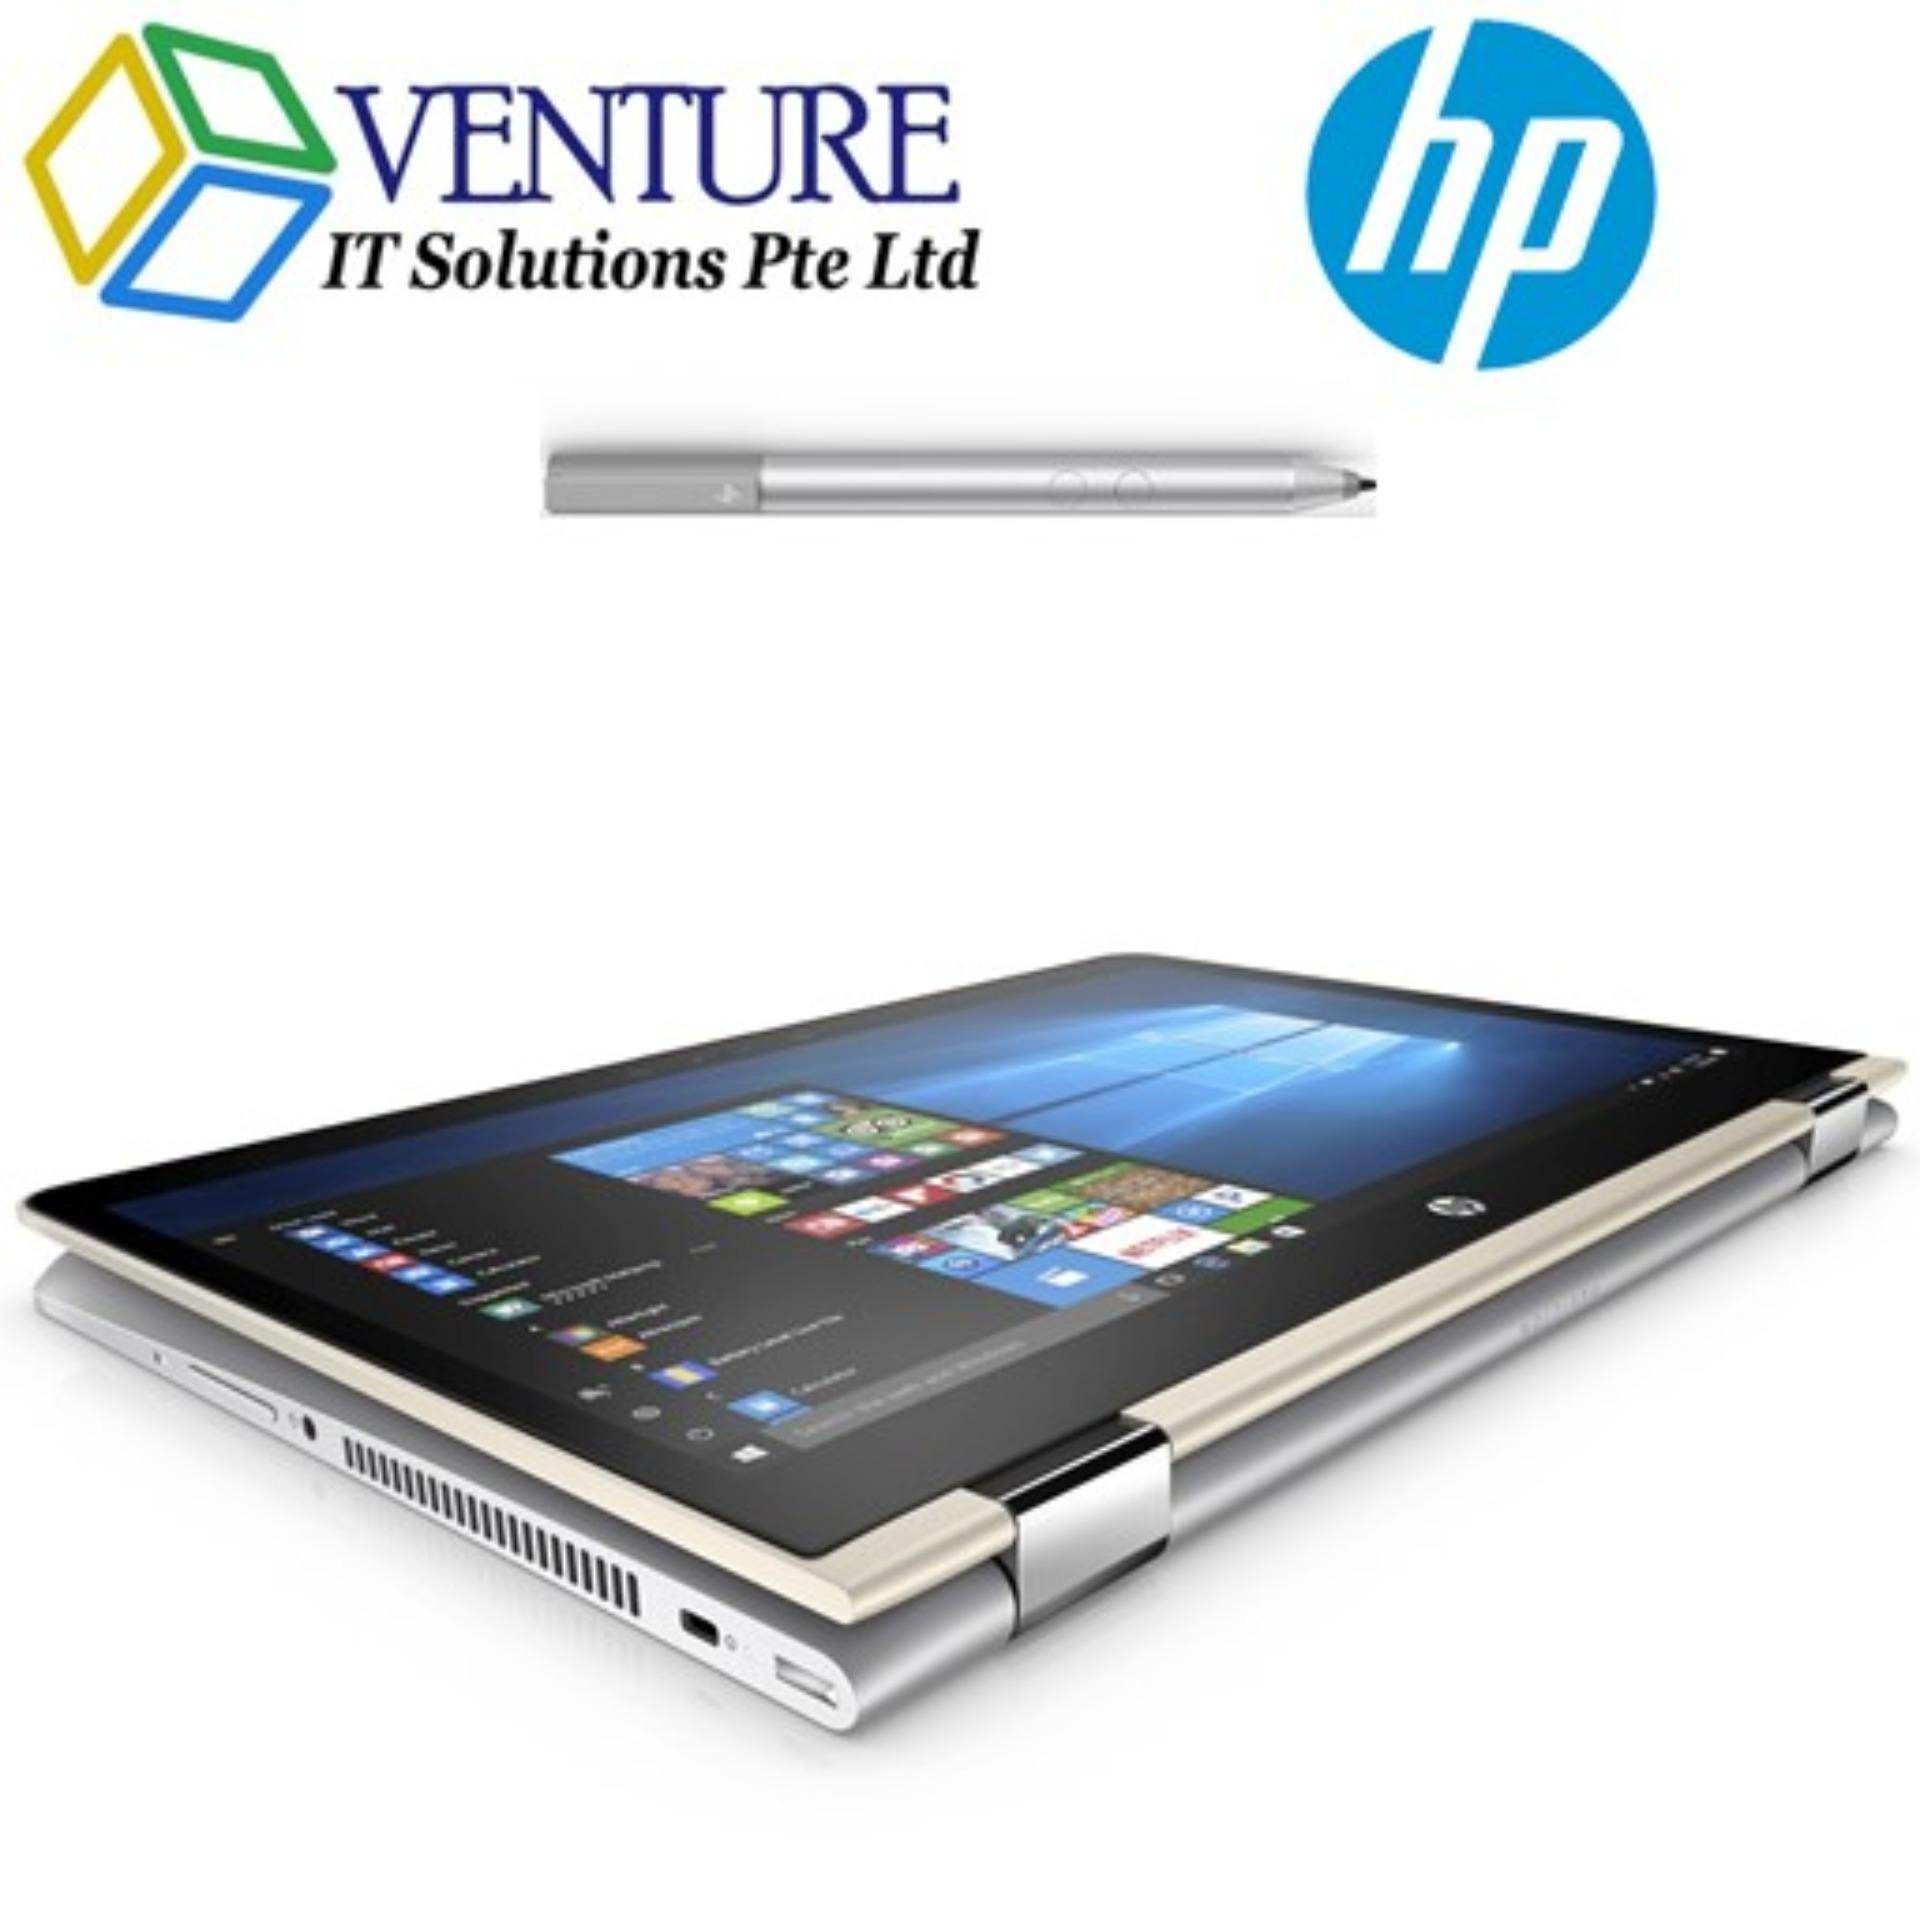 [NEW 8TH GEN] HP PAVILION x360 CONVERTIBLE 14 BA108TX I5-8250U 8GB 128SSD+1TB NVIDIA-940MX-2GB 14.0″FHD-IPS WIN10